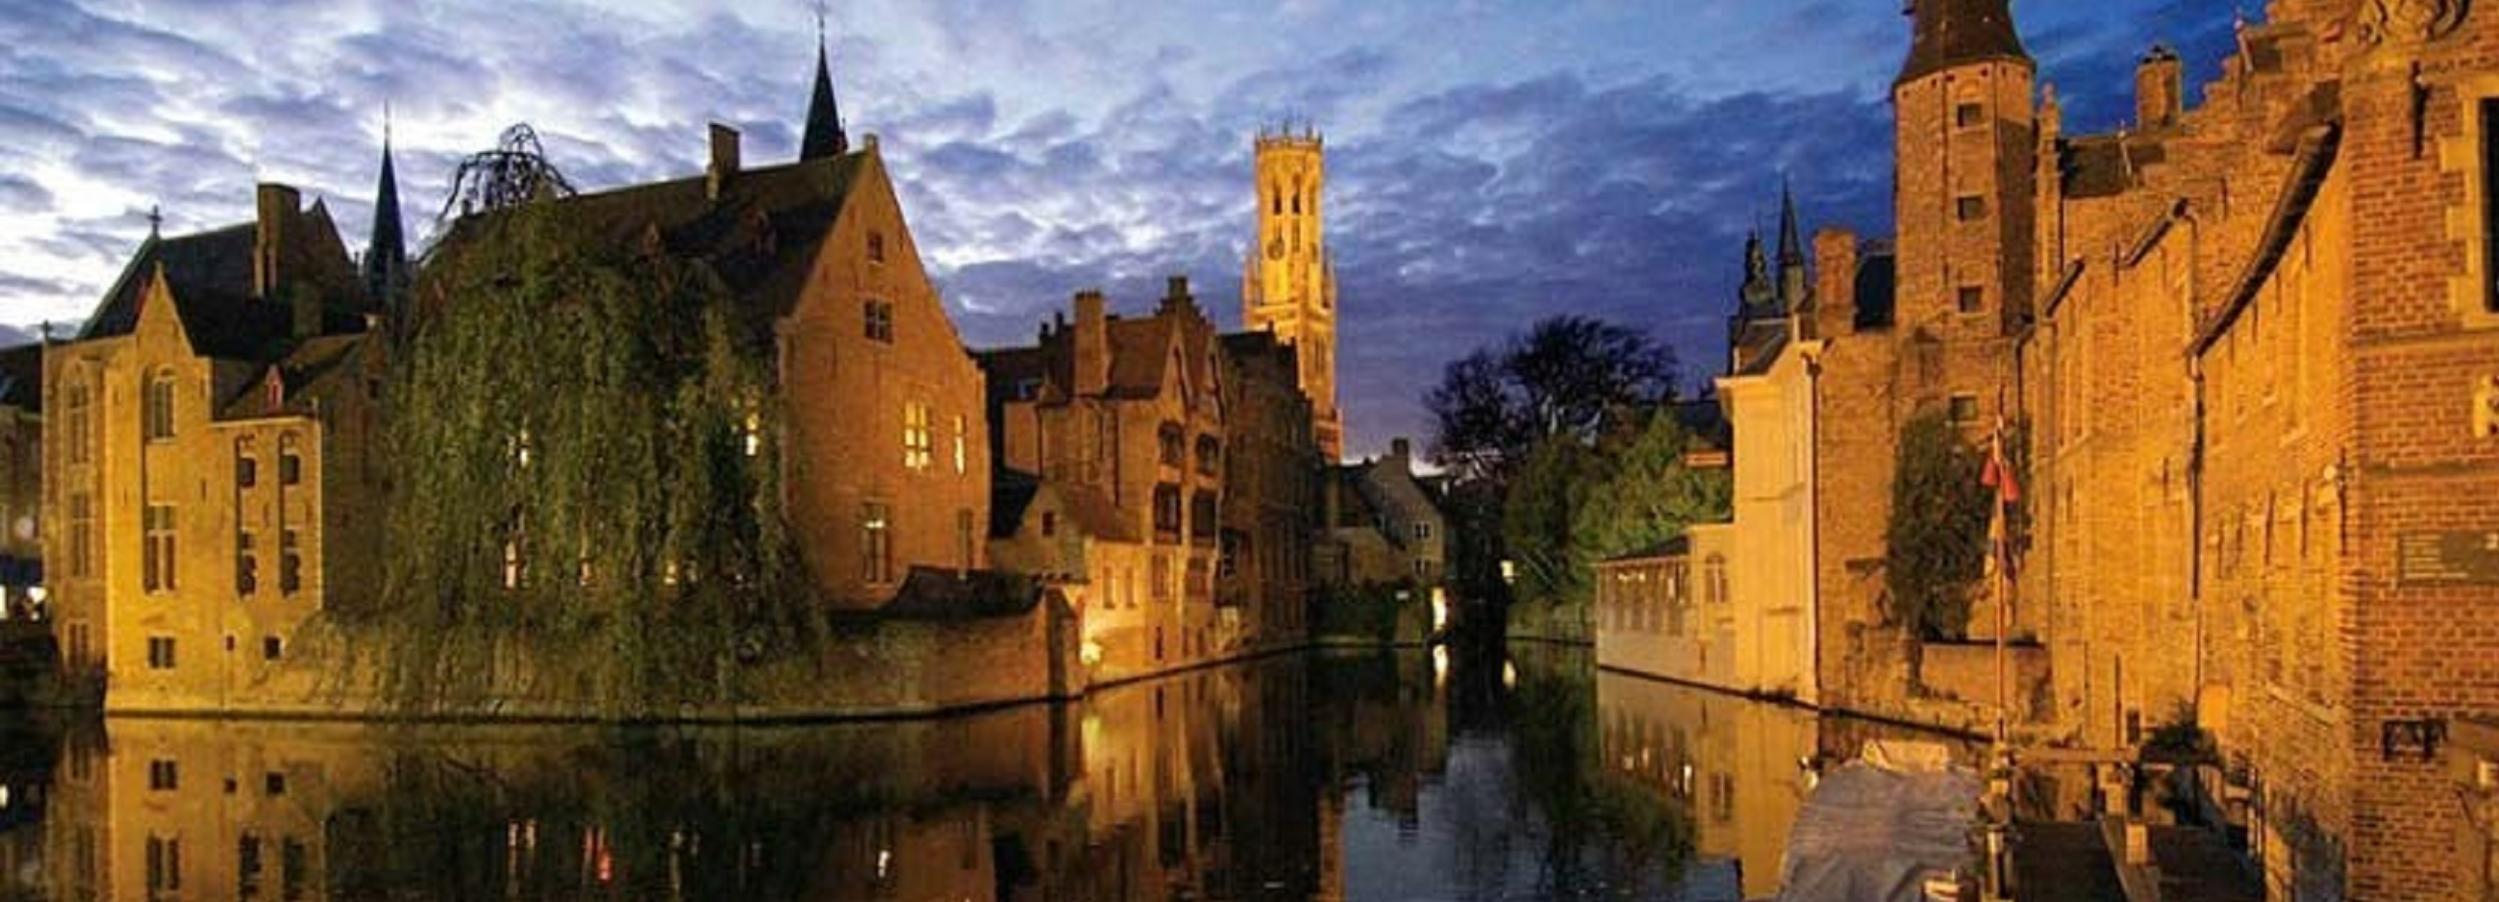 De Bruxelas: Excursão Guiada de 1 Dia a Bruges em Inglês